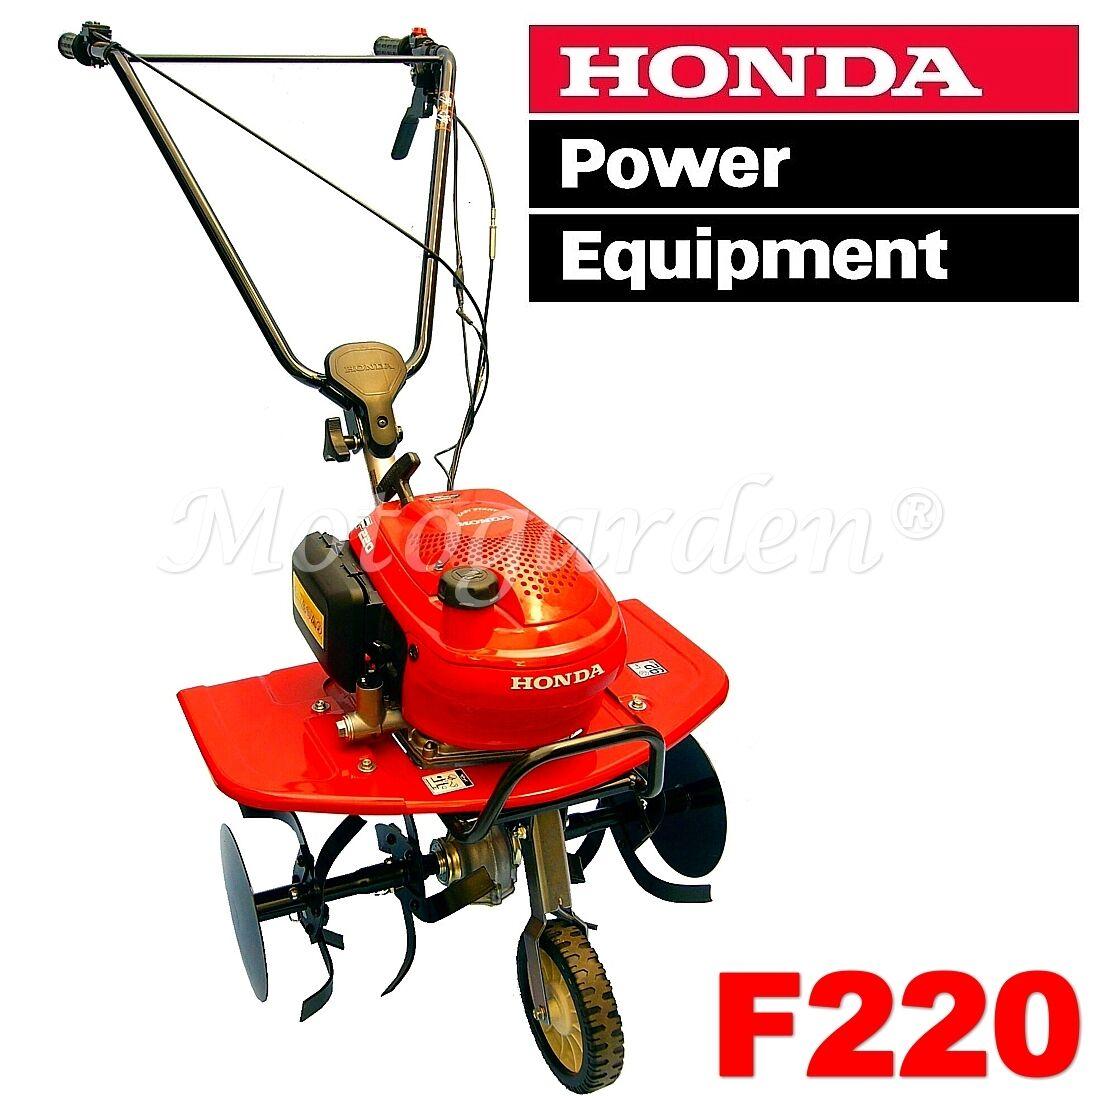 colorways incredibili Motozappa Honda F220 GE - zappare, fresare il terreno, coltivare coltivare coltivare l'orto di casa  negozio fa acquisti e vendite